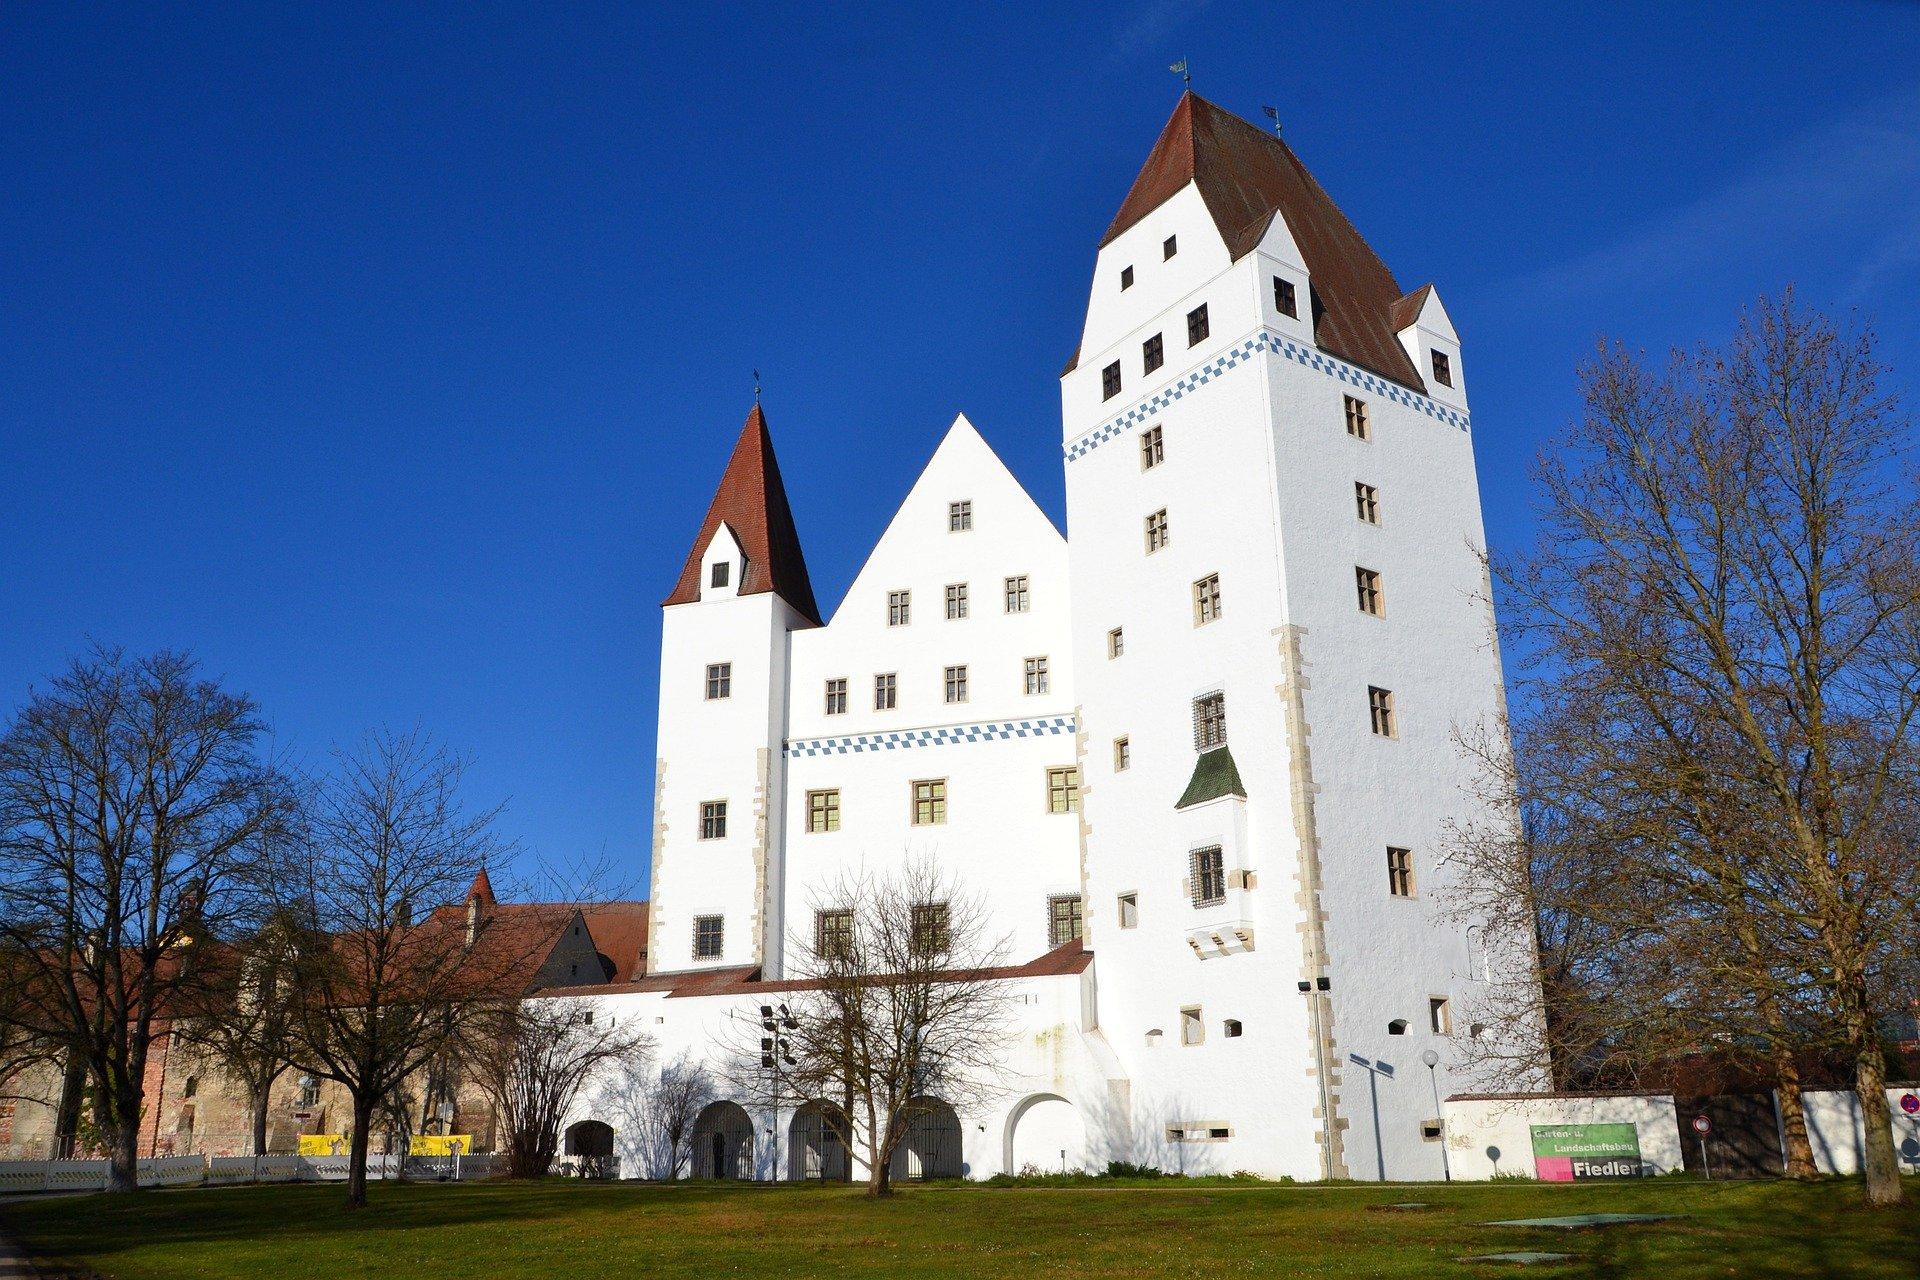 historisches Gebäude in Ingolstadt